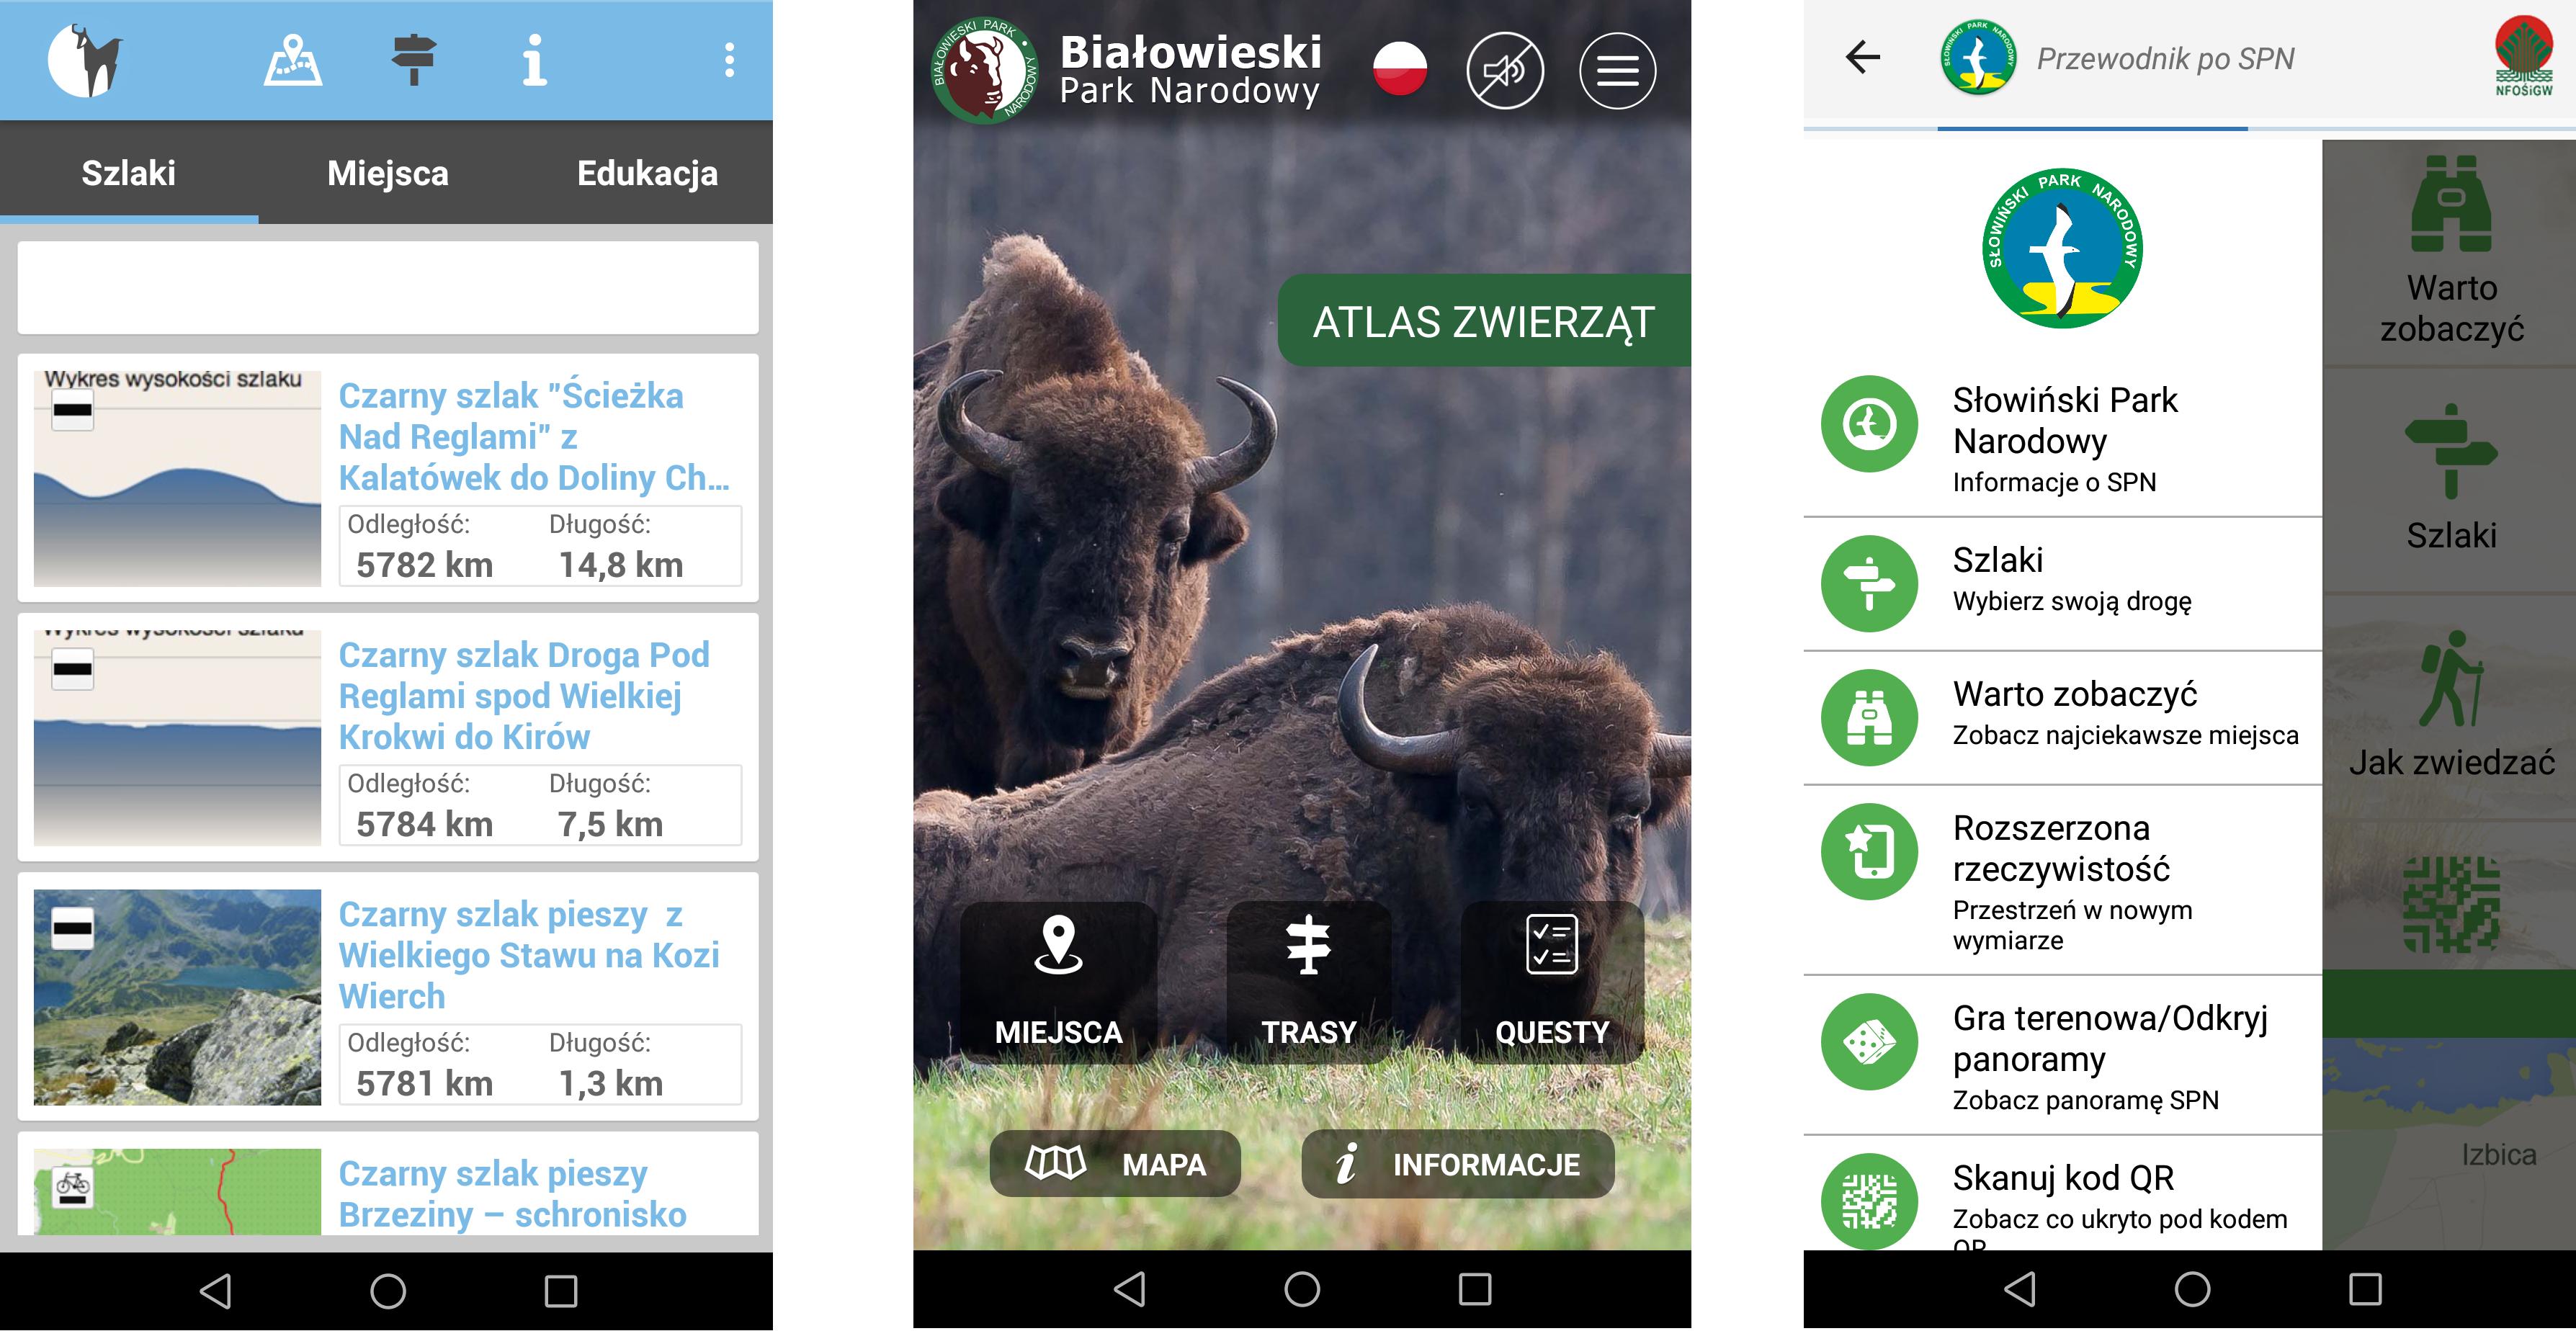 Rys. 2 Aplikacje mobilne Tatrzańskiego PN (po lewej), Białowieskiego PN oraz Słowińskiego PN (po prawej).